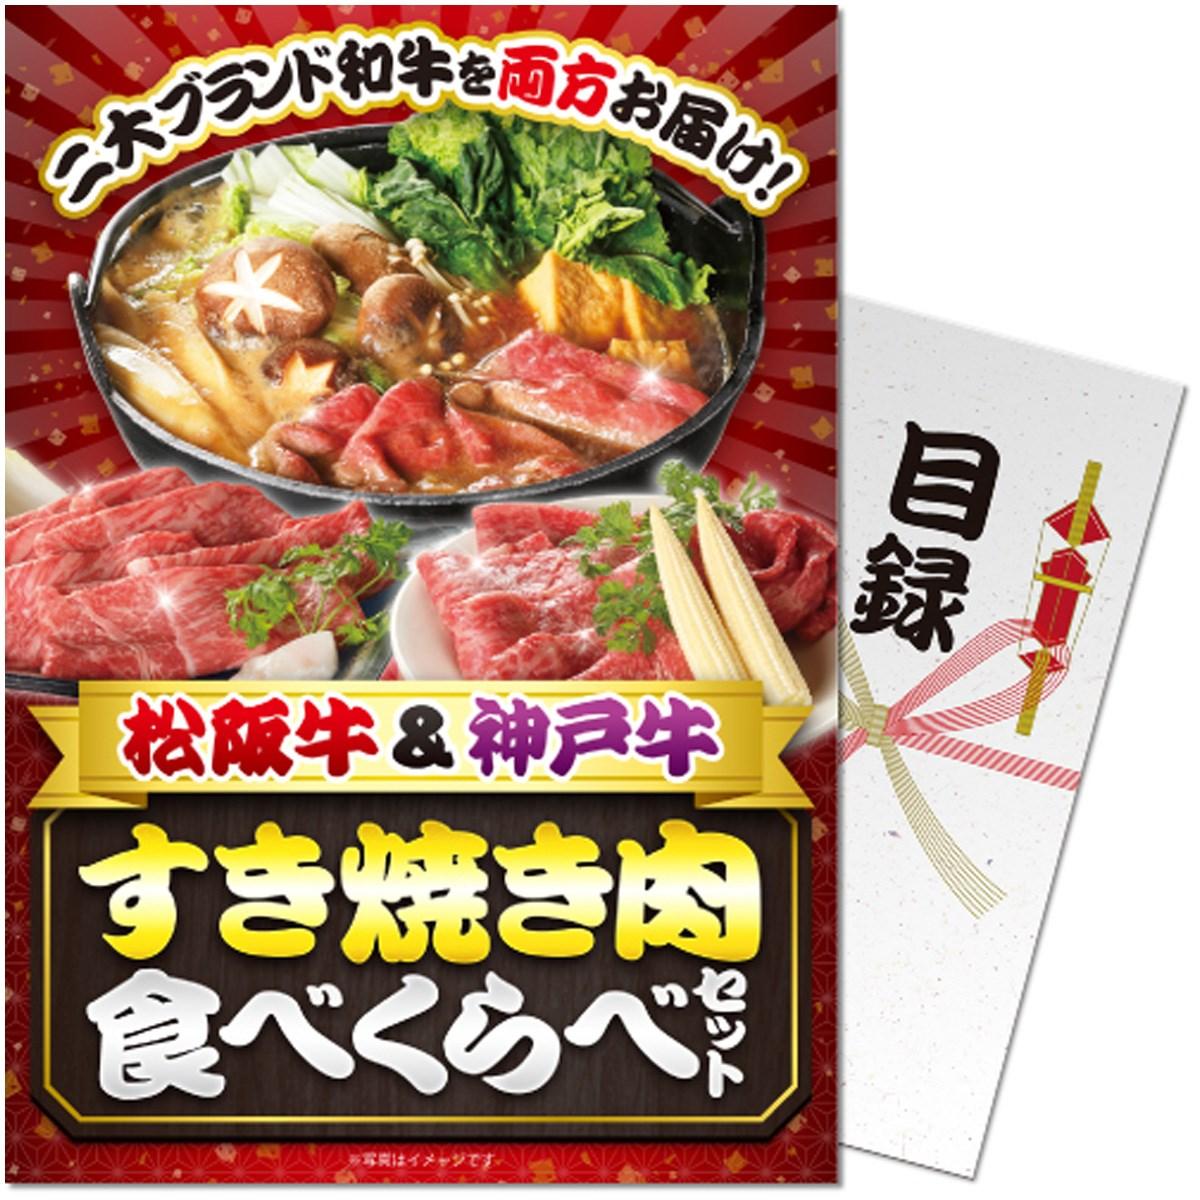 パネもく!松阪牛&神戸牛すき焼き肉 目録 A4パネル付き